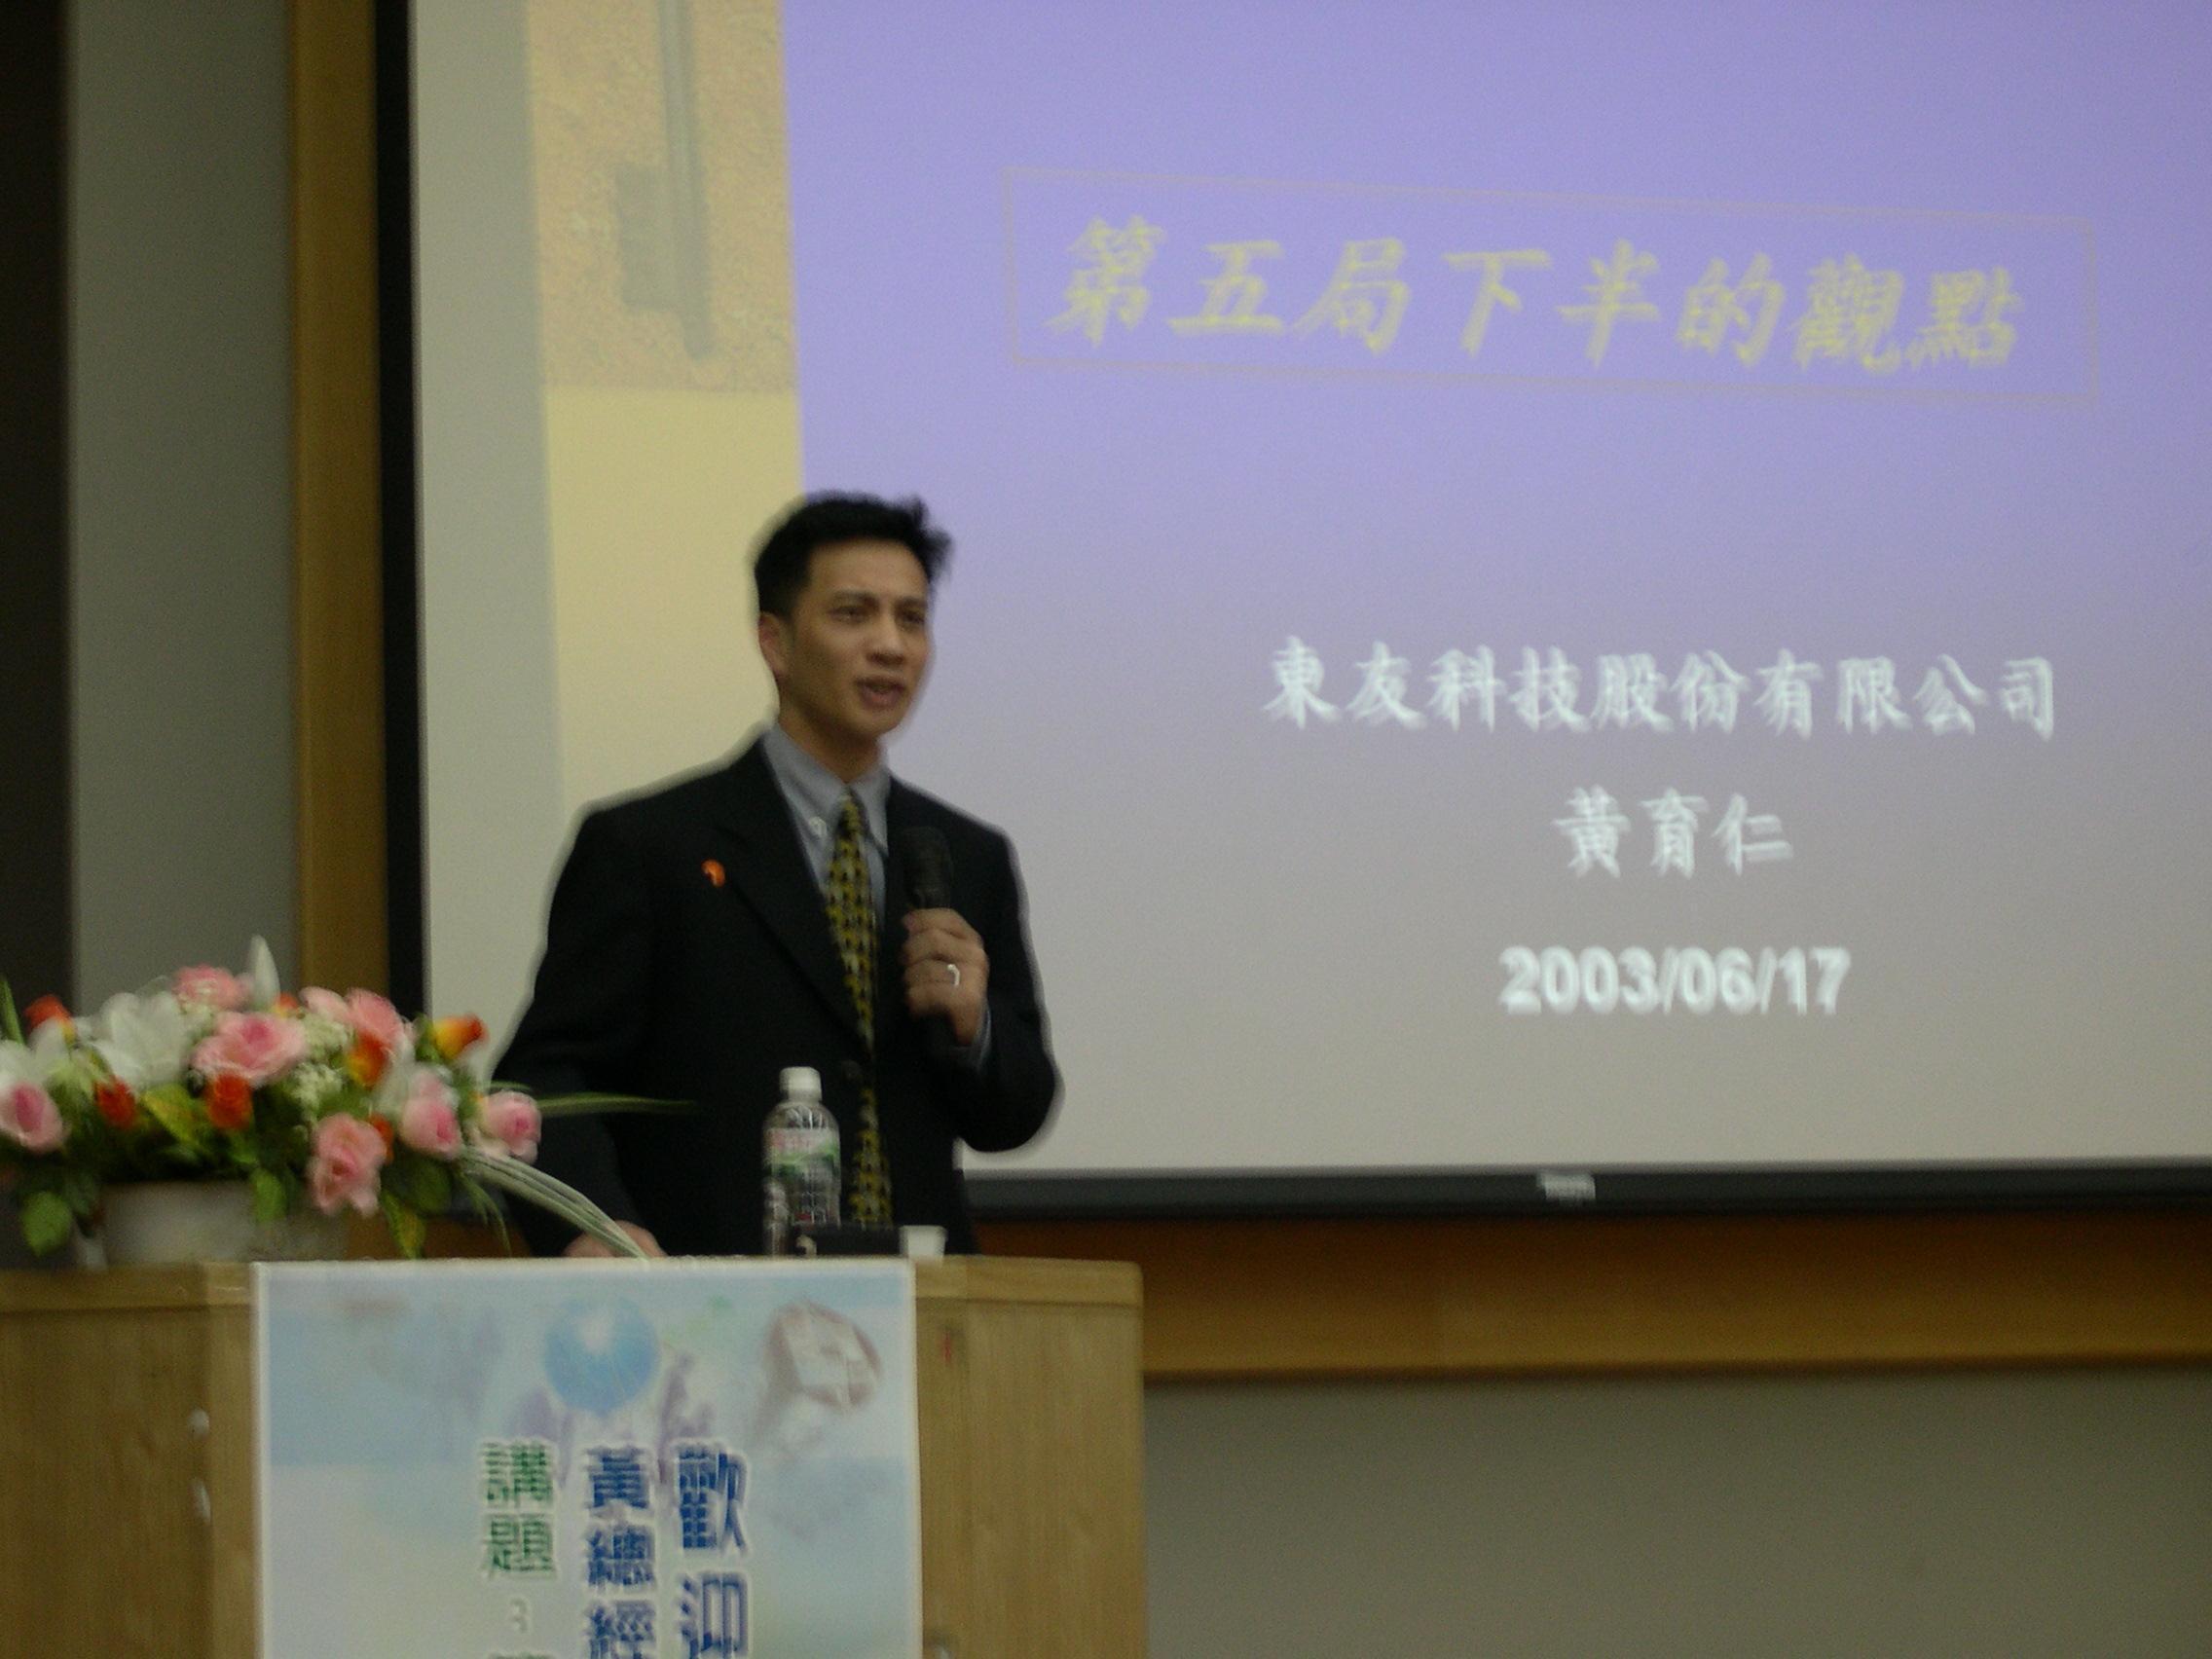 東友科技黃育仁總經理-第五局下半觀點 談畢業生前程規劃